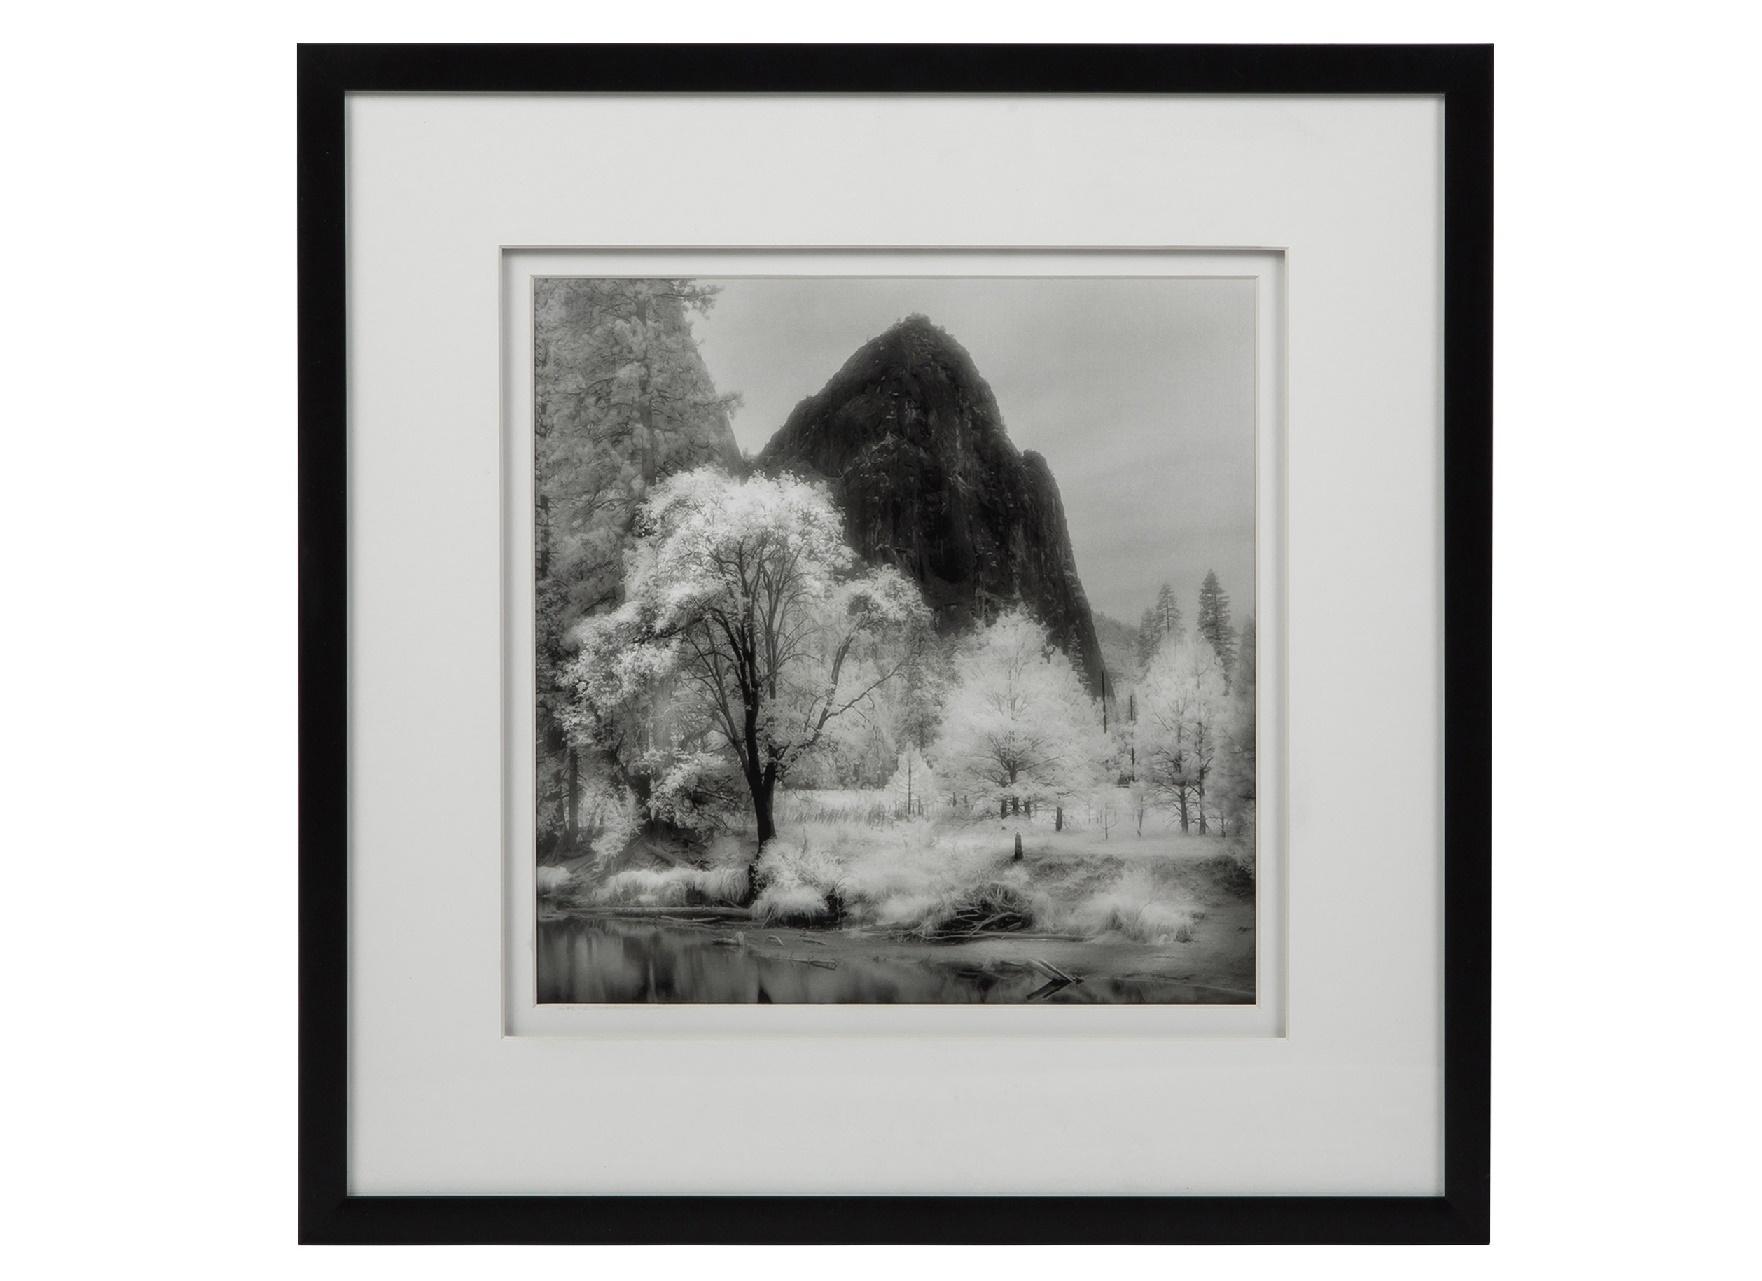 Постер с паспарту в раме MonolithicПостеры<br>&amp;quot;Monolithic&amp;quot; ? прекрасная картина, на которой, кажется, запечатлен настоящий рай. Рай для тех, кто любит находится в окружении великолепных пейзажей и предаваться мечтаниям. Постер с отличным качеством печати и классическим оформлением деревянной рамой понравится не только романтикам и фантазерам, но и ценителям элегантного декора.&amp;amp;nbsp;&amp;lt;div&amp;gt;&amp;lt;br&amp;gt;&amp;lt;/div&amp;gt;&amp;lt;div&amp;gt;Рама - дерево.&amp;lt;/div&amp;gt;<br><br>Material: Бумага<br>Width см: 48<br>Depth см: 3<br>Height см: 48